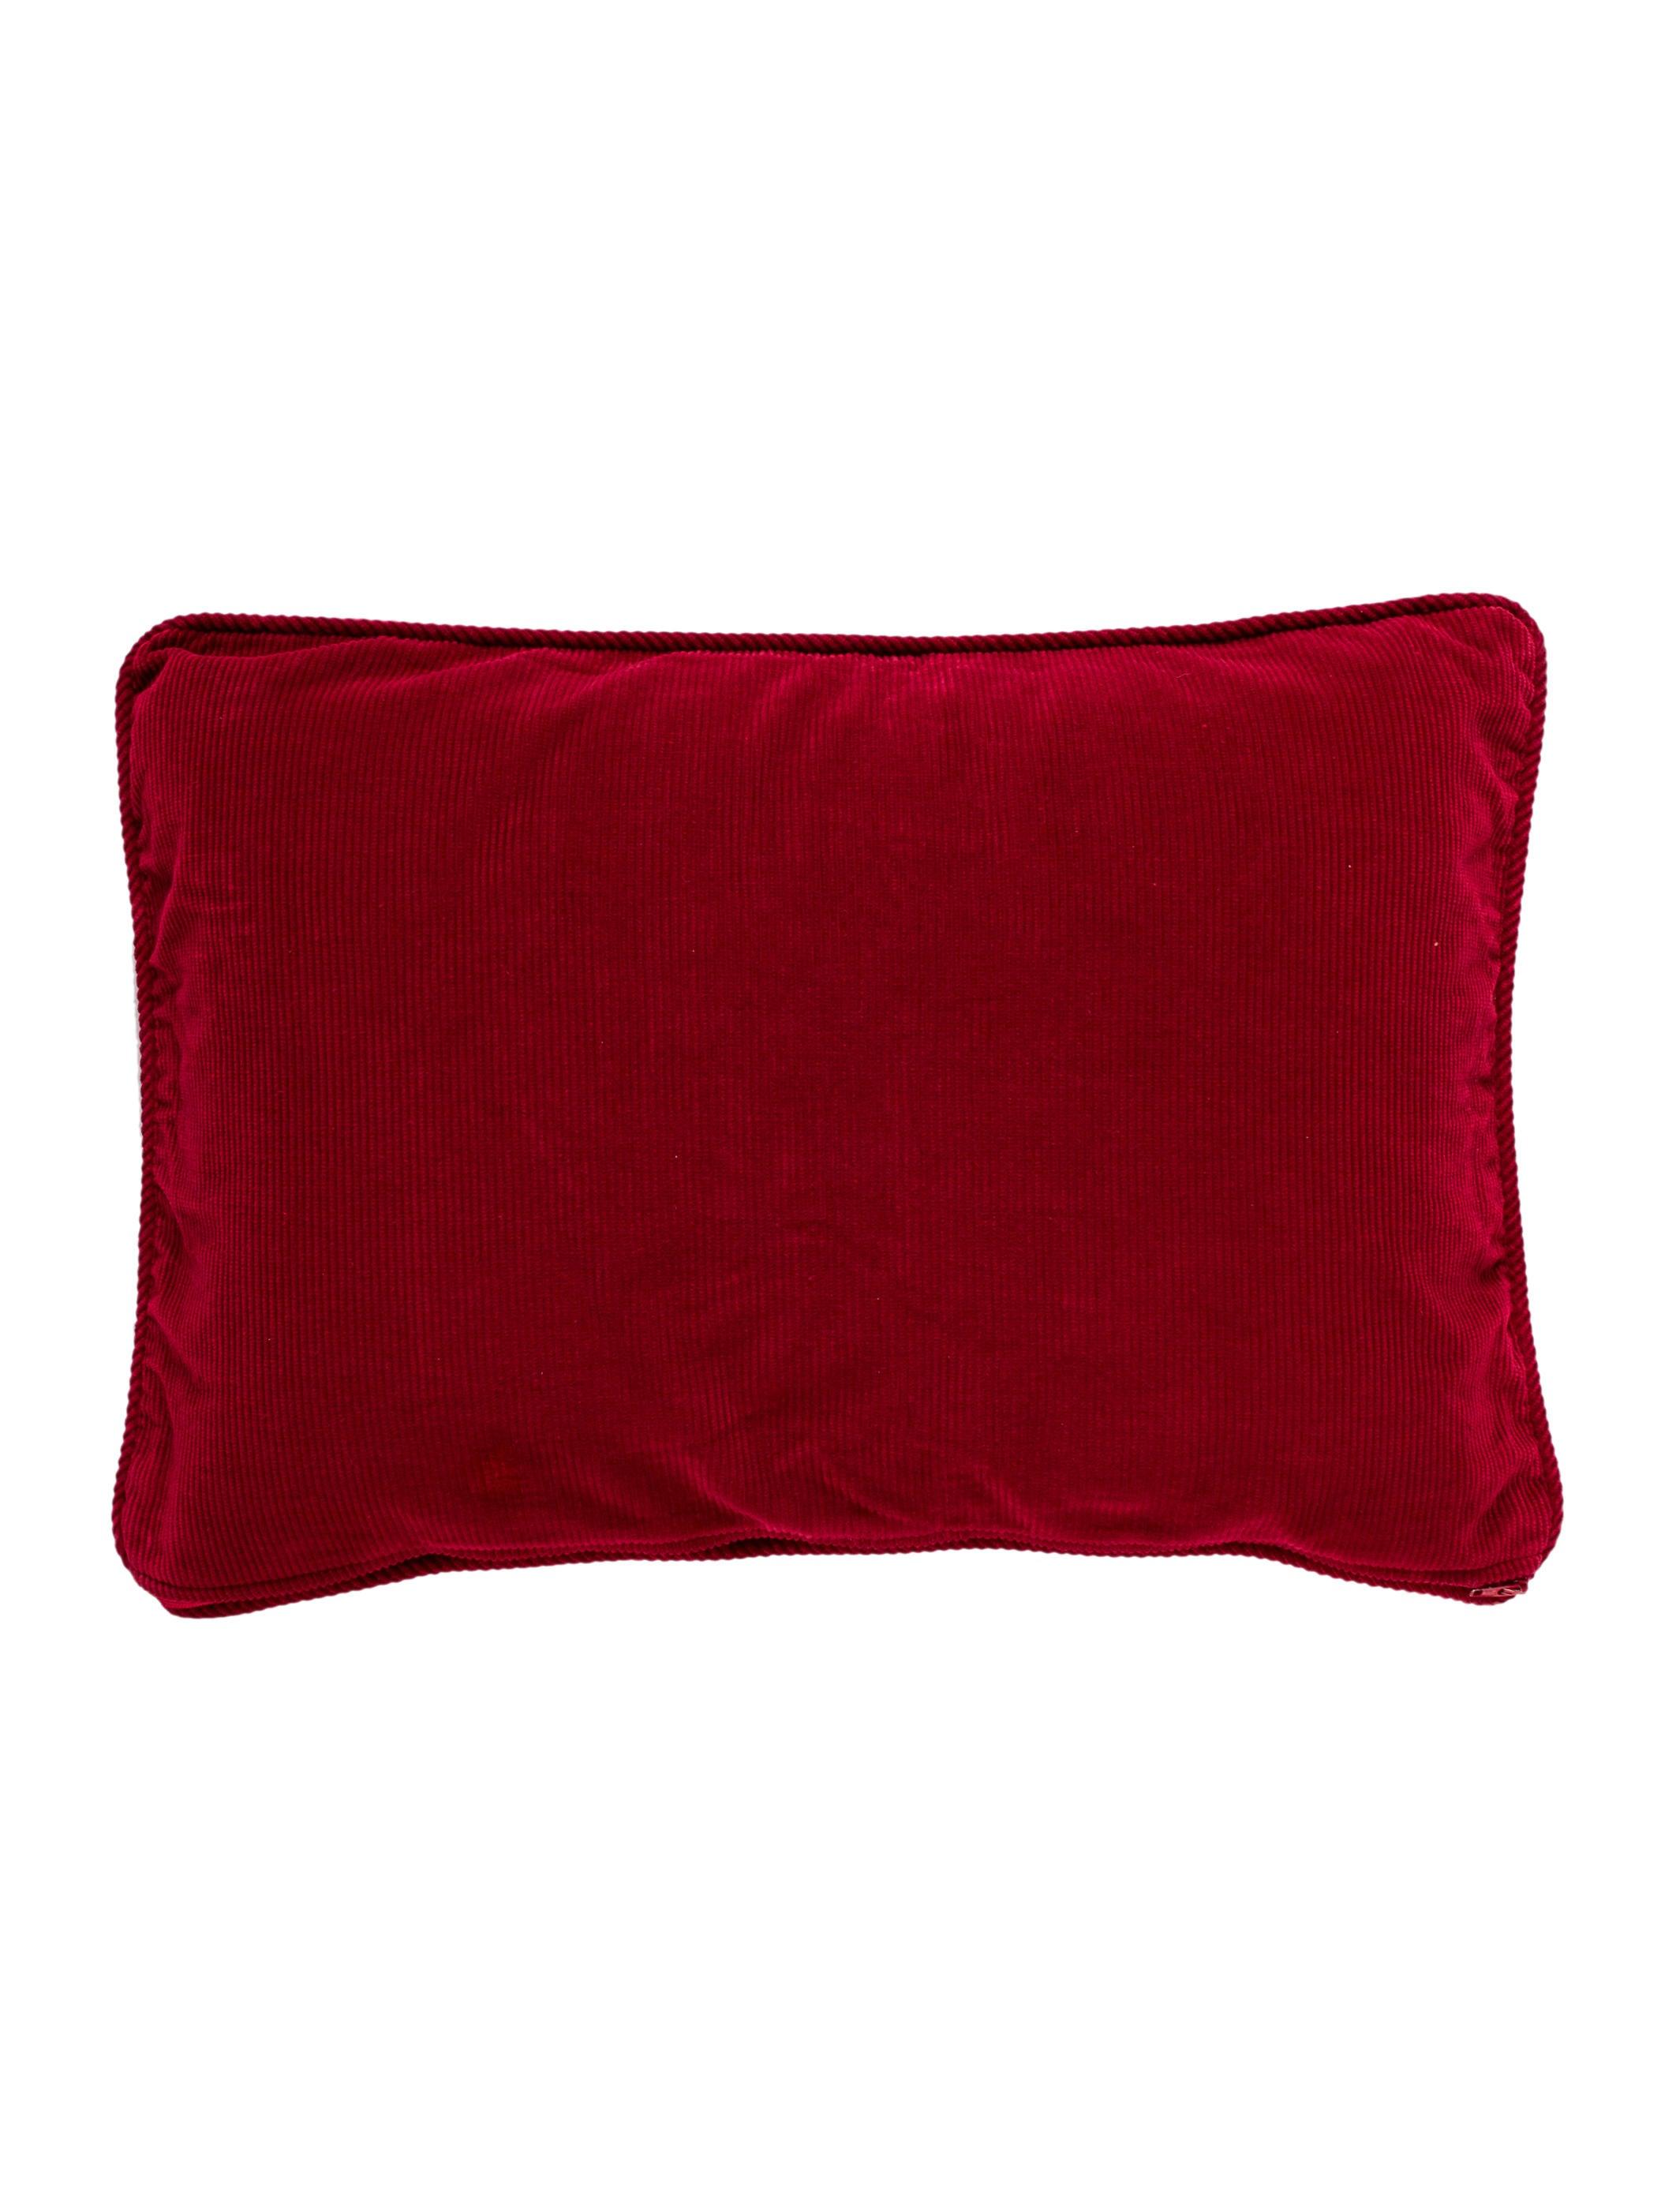 Ralph Lauren Red Throw Pillow - Pillows And Throws - WYG17 ...